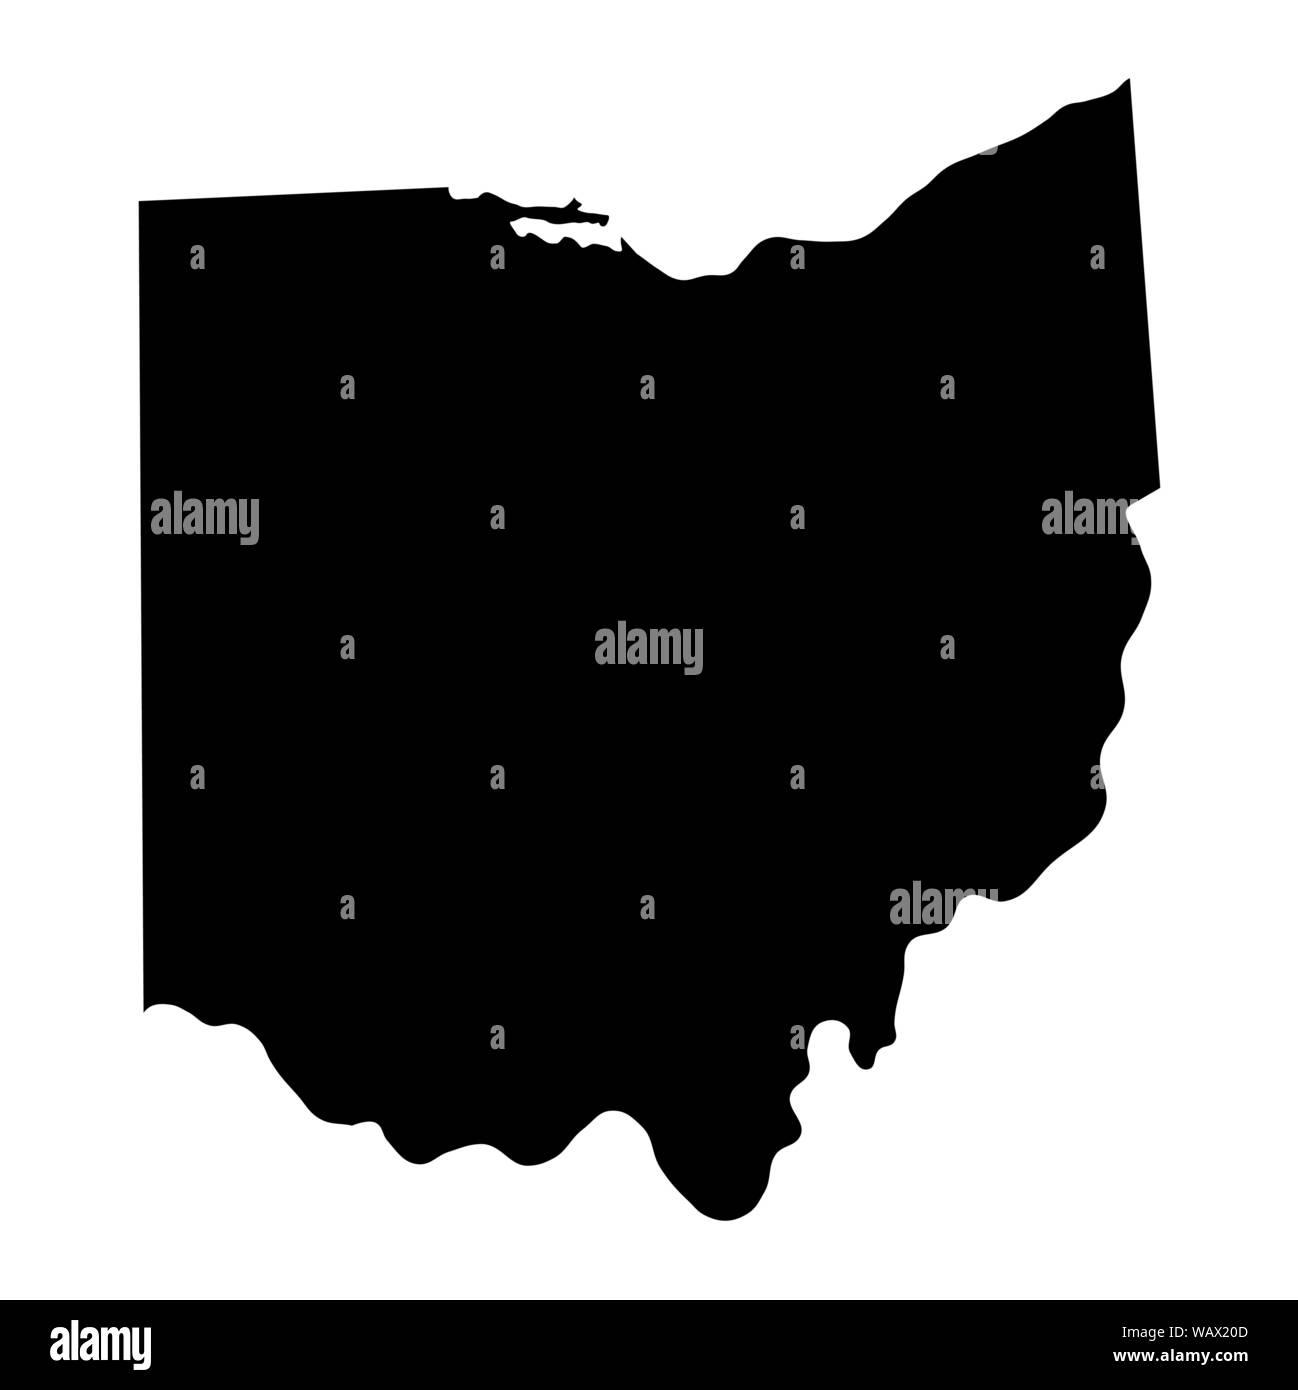 Michigan Ohio État datant Top 10 des sites de rencontres indiennes au Royaume-Uni